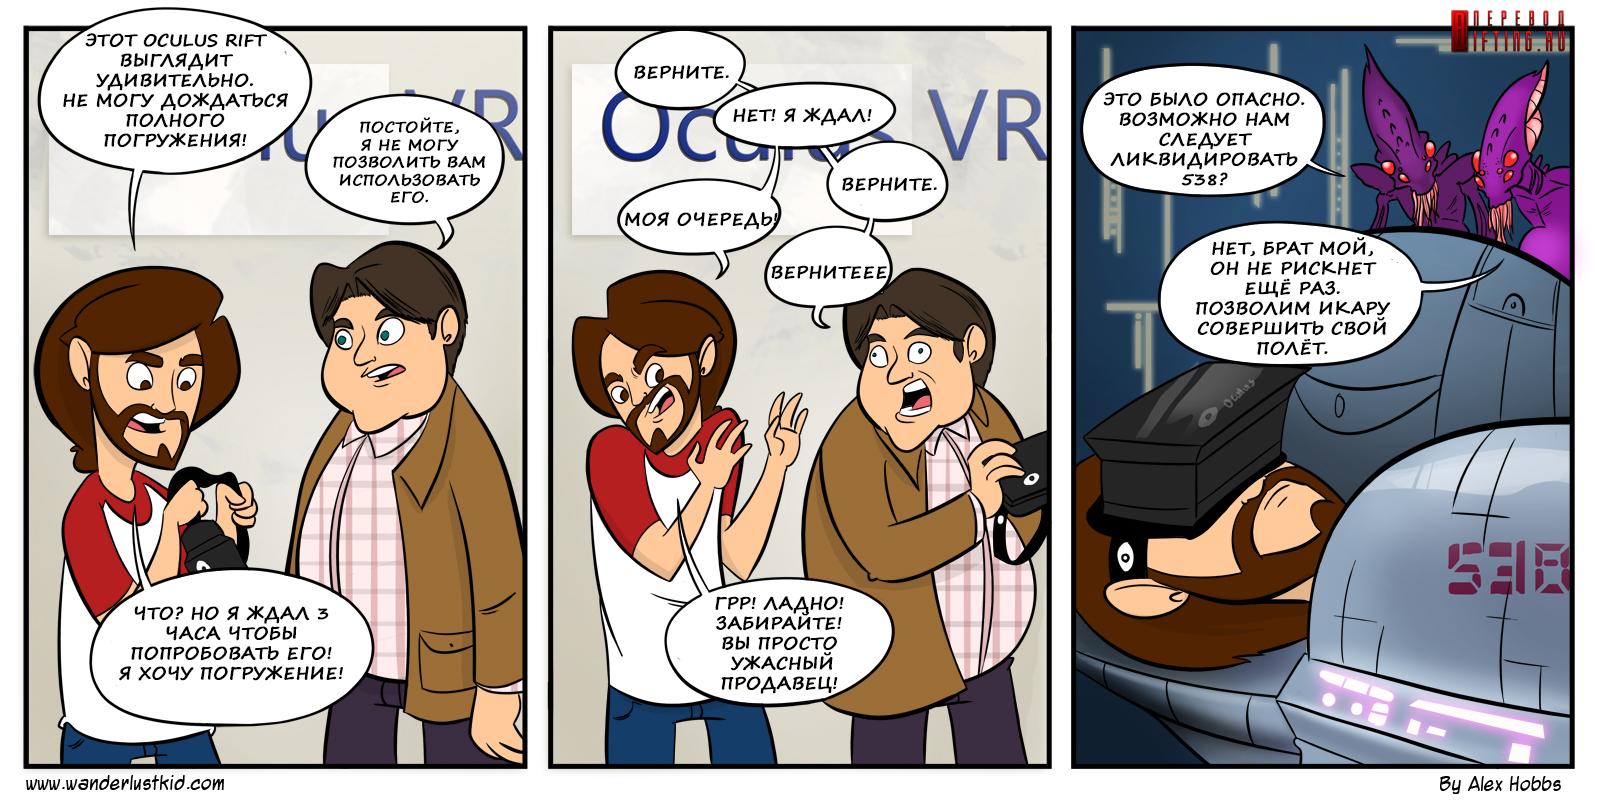 Oculus Rift Comics